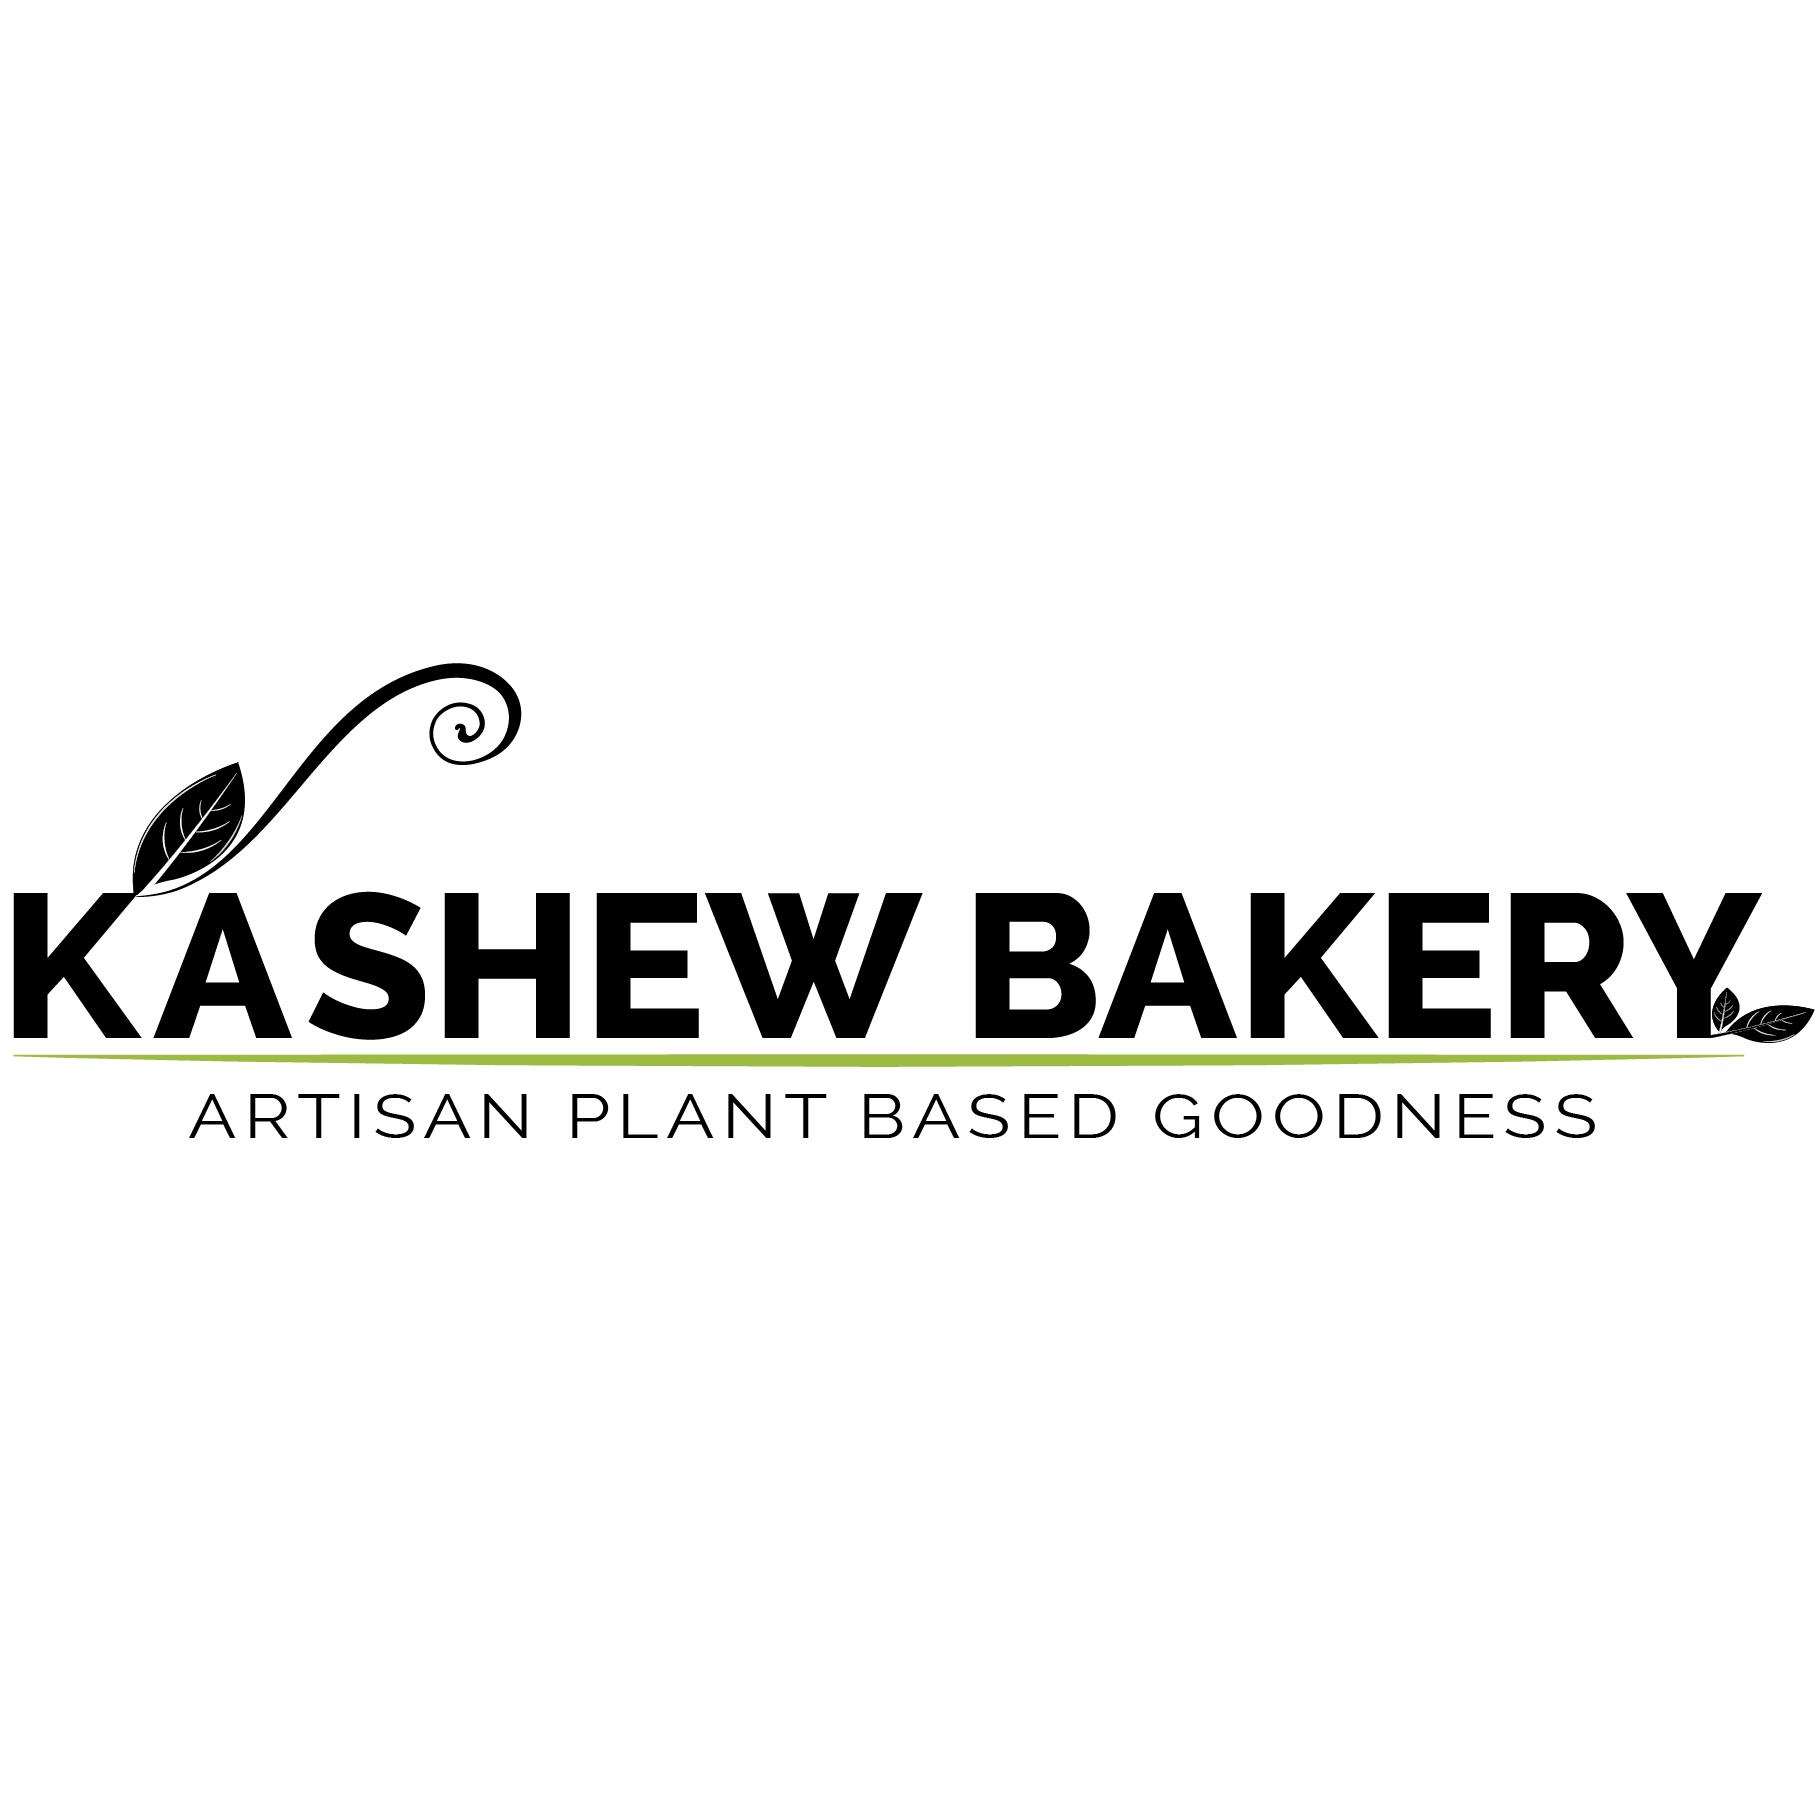 Kashew Bakery